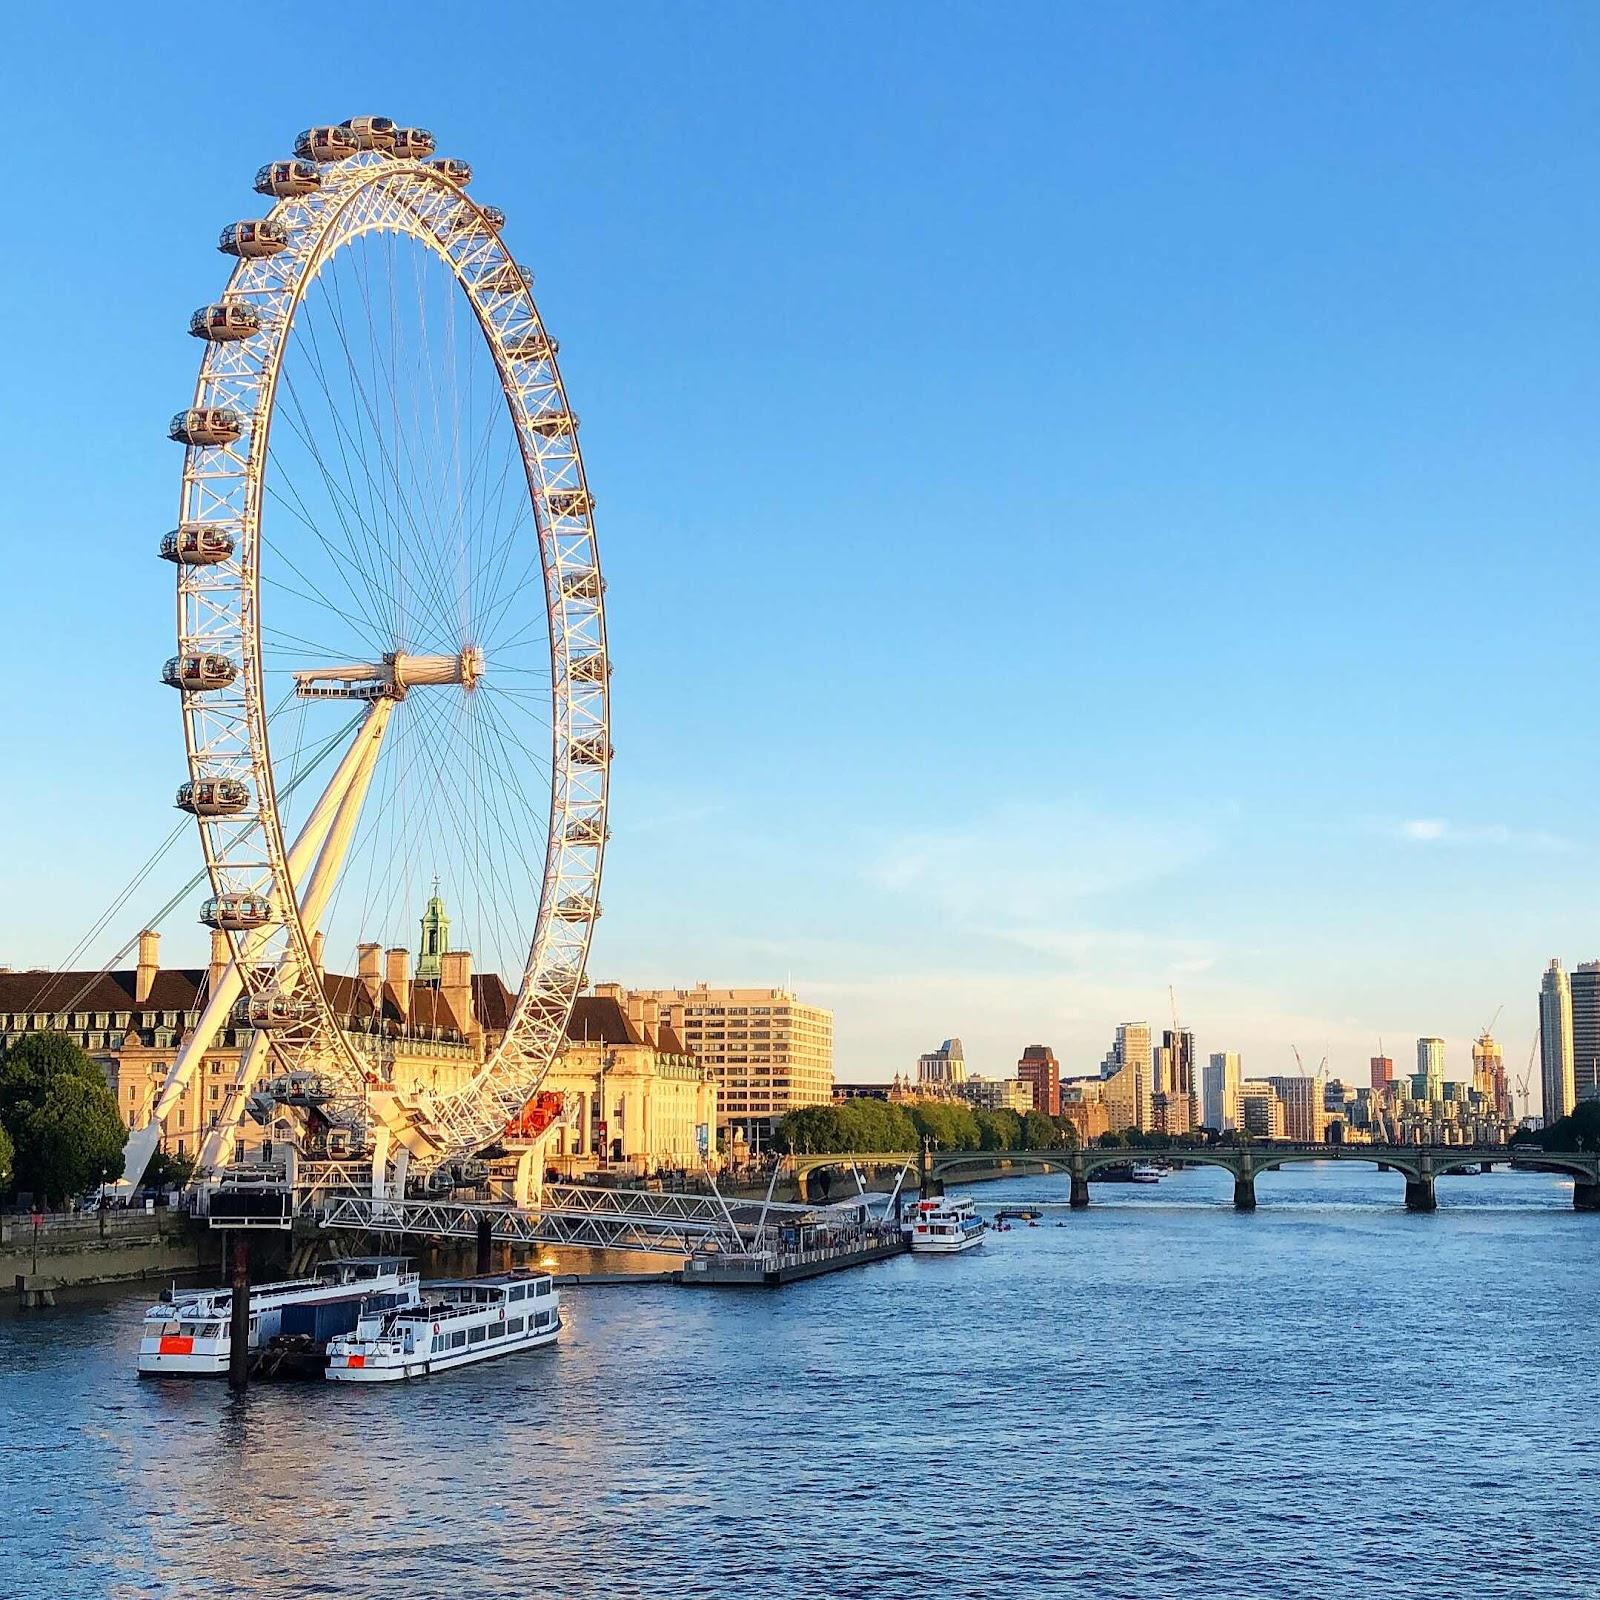 london-lifestyle-blog-london-eye-river-thames